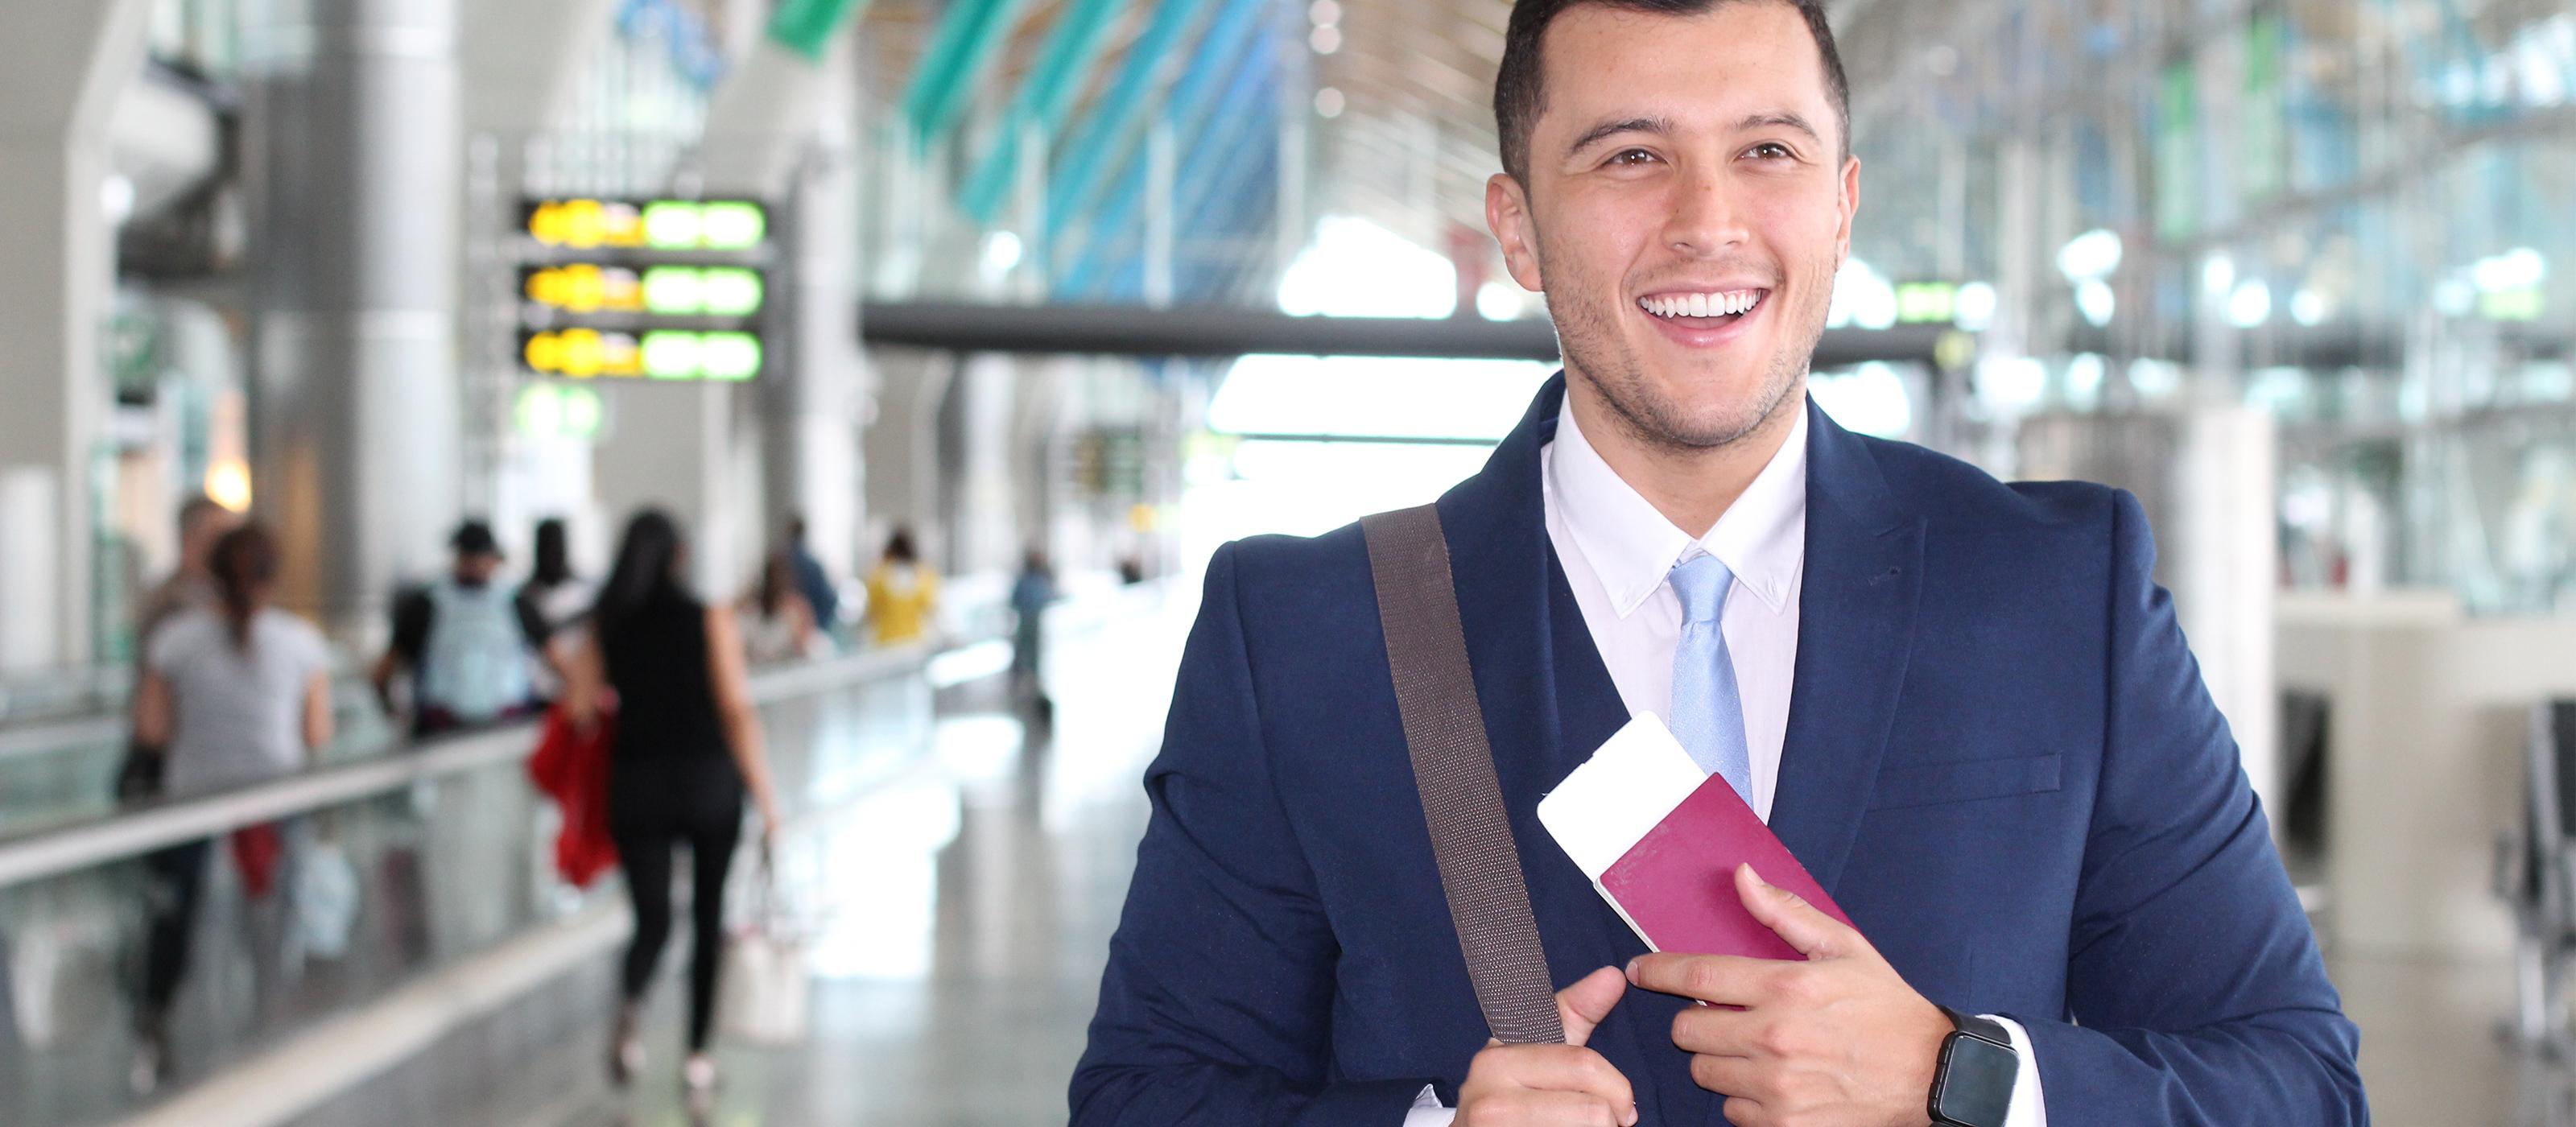 外国人の出入国に関する申請取次業務